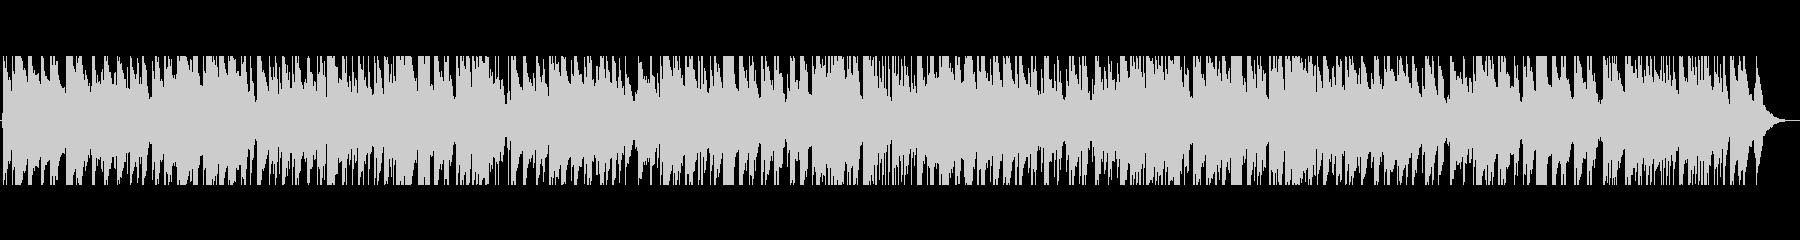 アコースティックなボサノバの未再生の波形